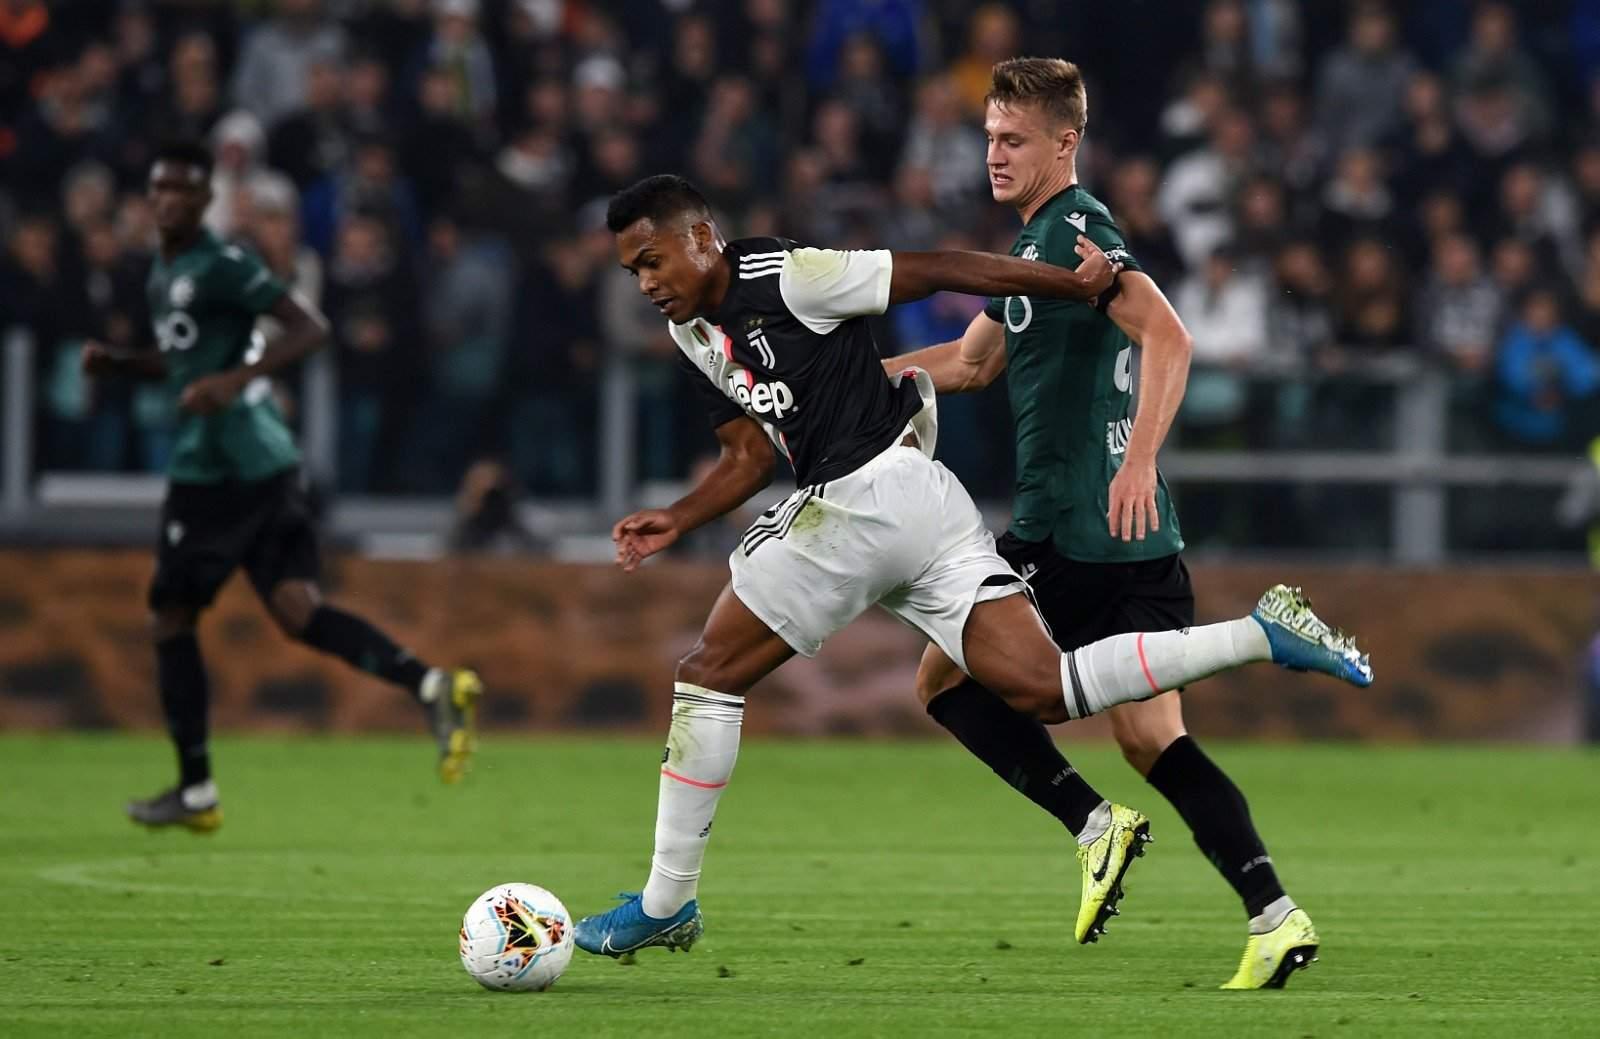 Serie A, Juventus-Bologna: 2-1, bianconeri col brivido